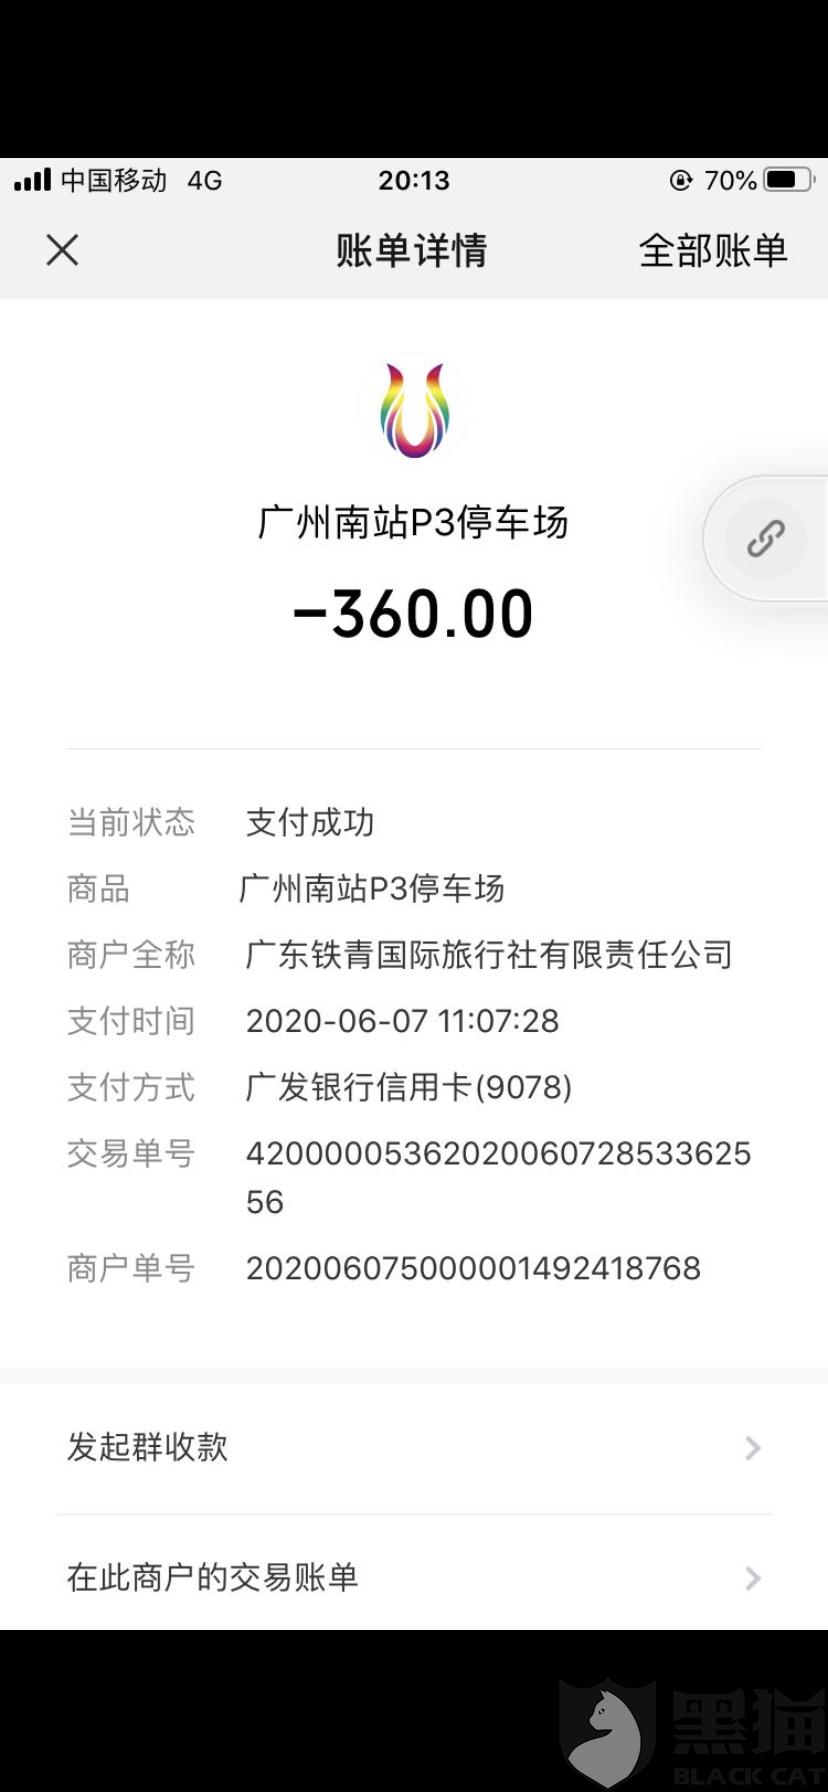 黑猫投诉:广东铁青国际旅行社有限责任公司